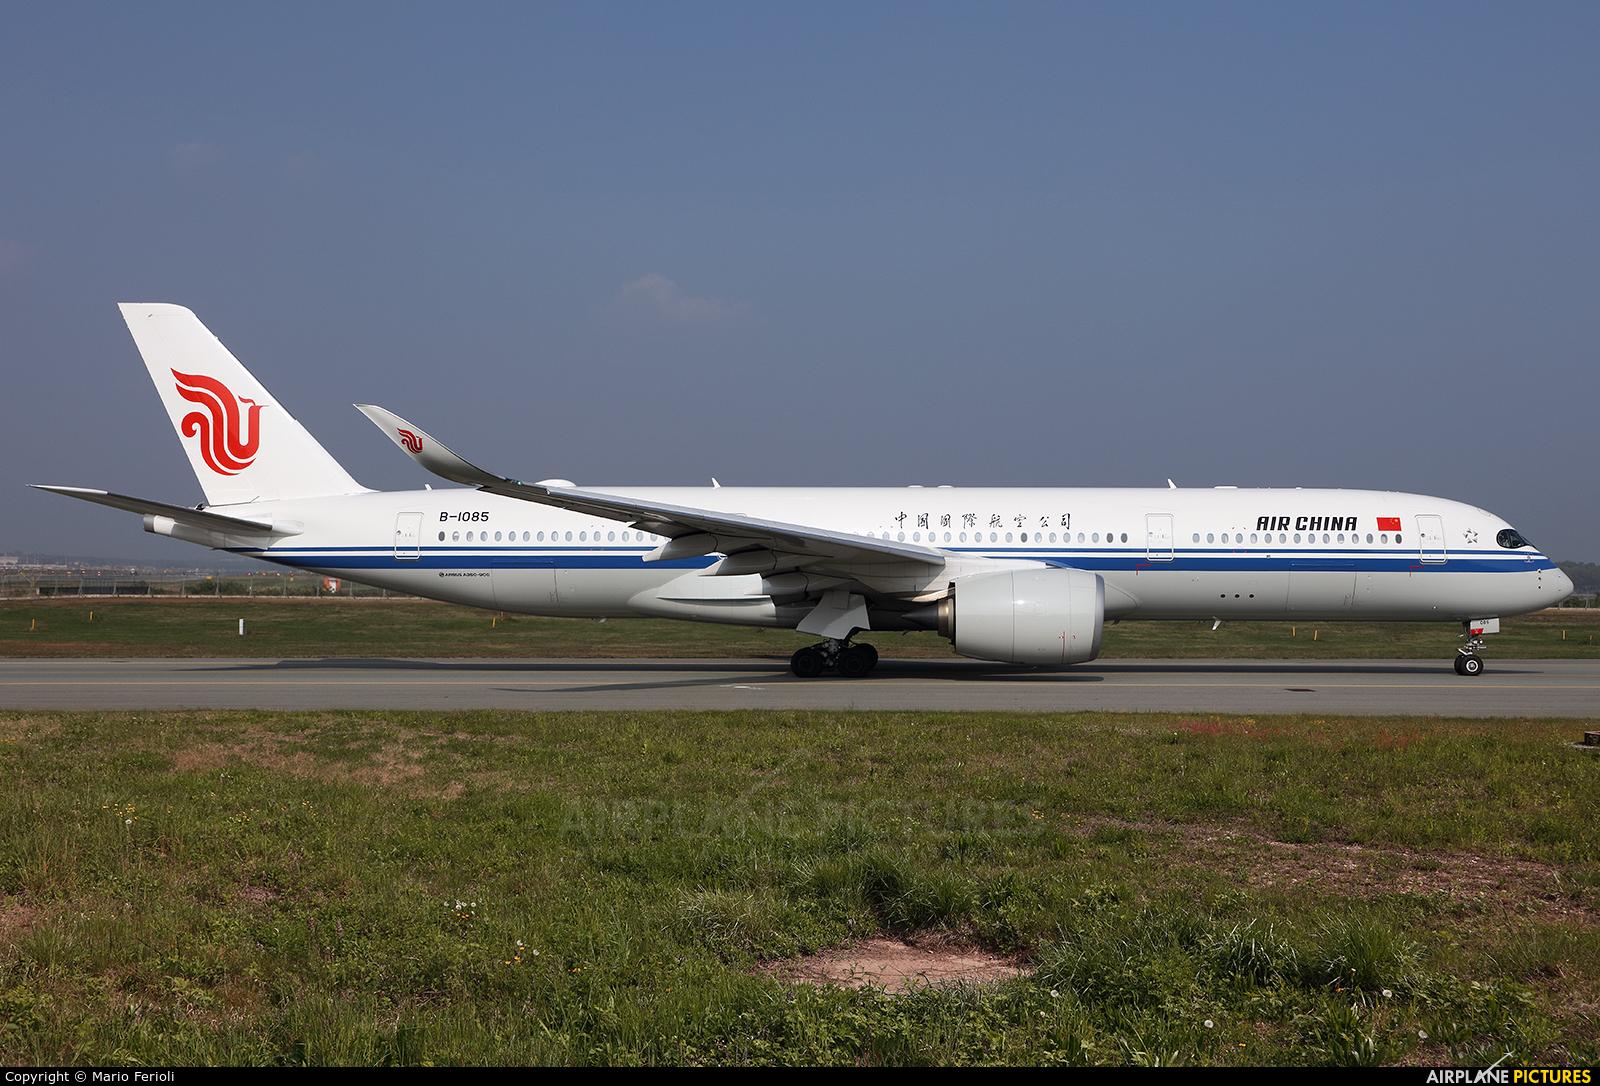 Air China B-1085 aircraft at Milan - Malpensa